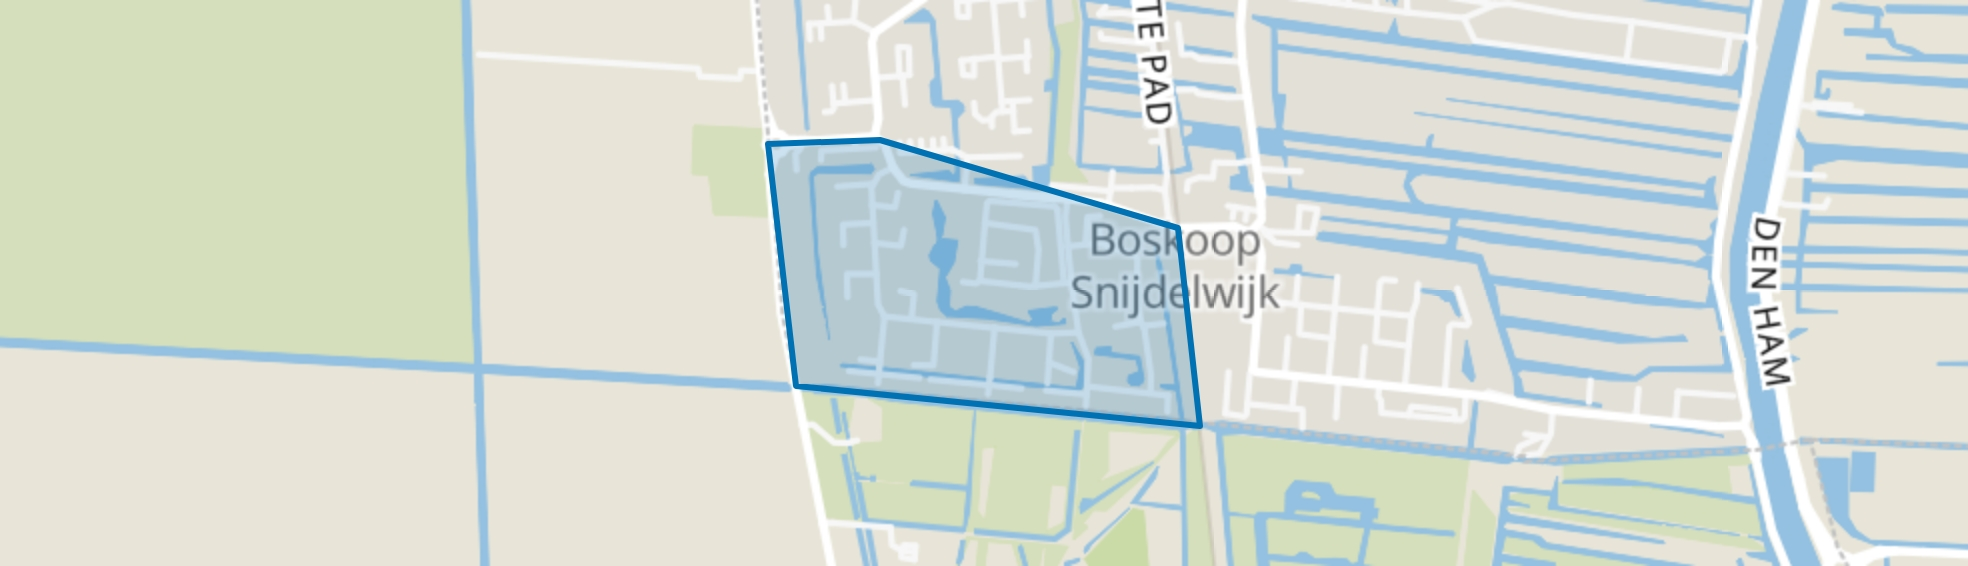 Vogelbuurt, Boskoop map